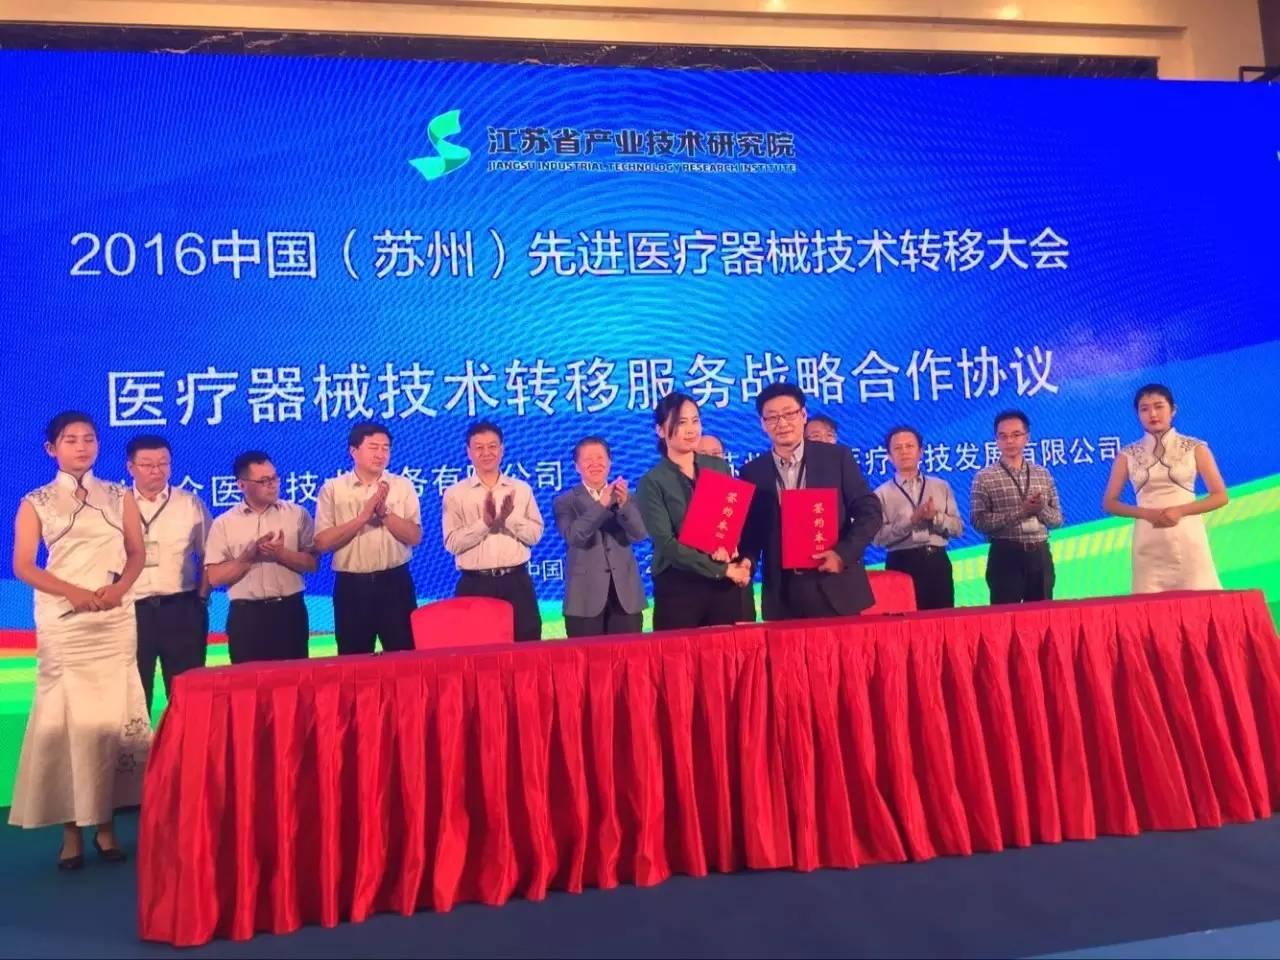 [需求]致众参加2016中国先进医疗器械技术转移大会并签署战略合作协议-行业动态即时报